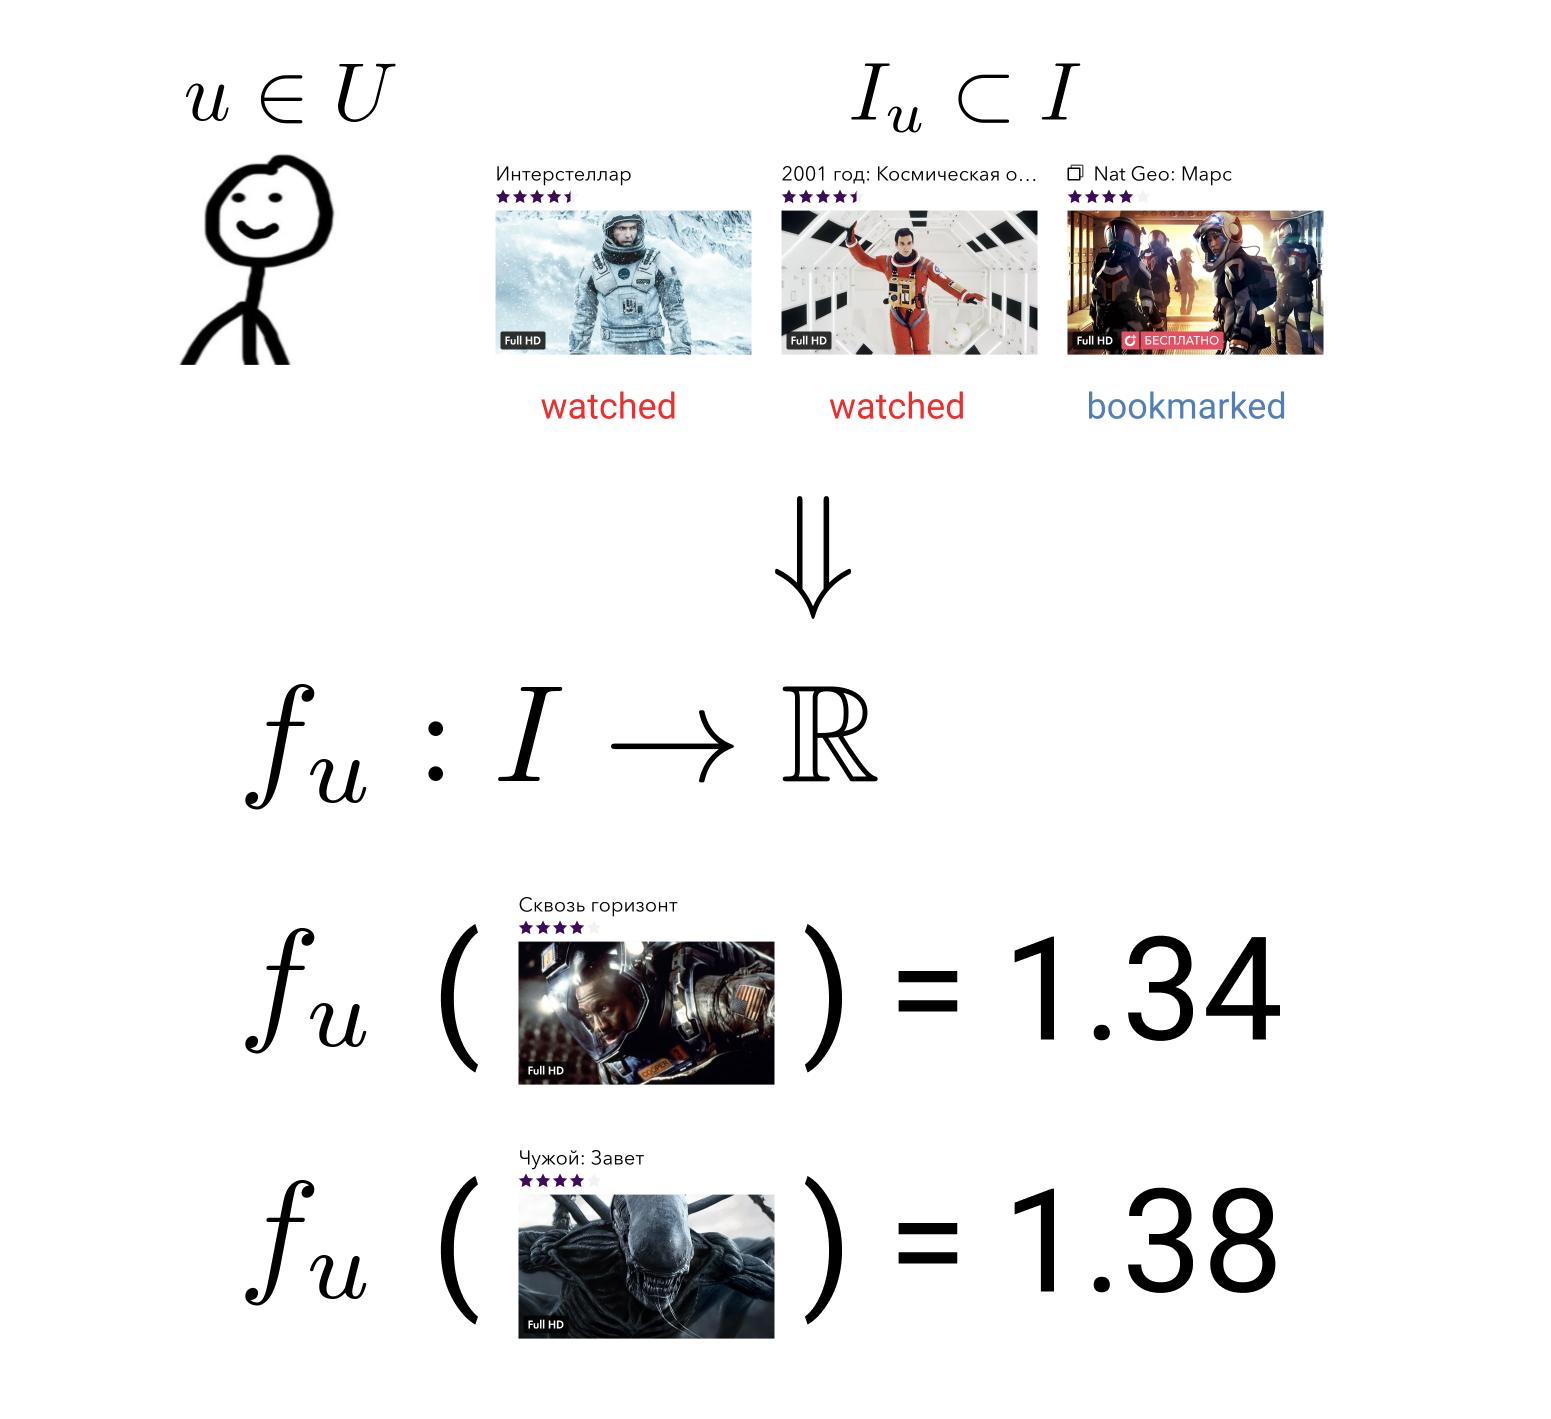 Иллюстрация отображения множества фильмов на множество вещественных чисел